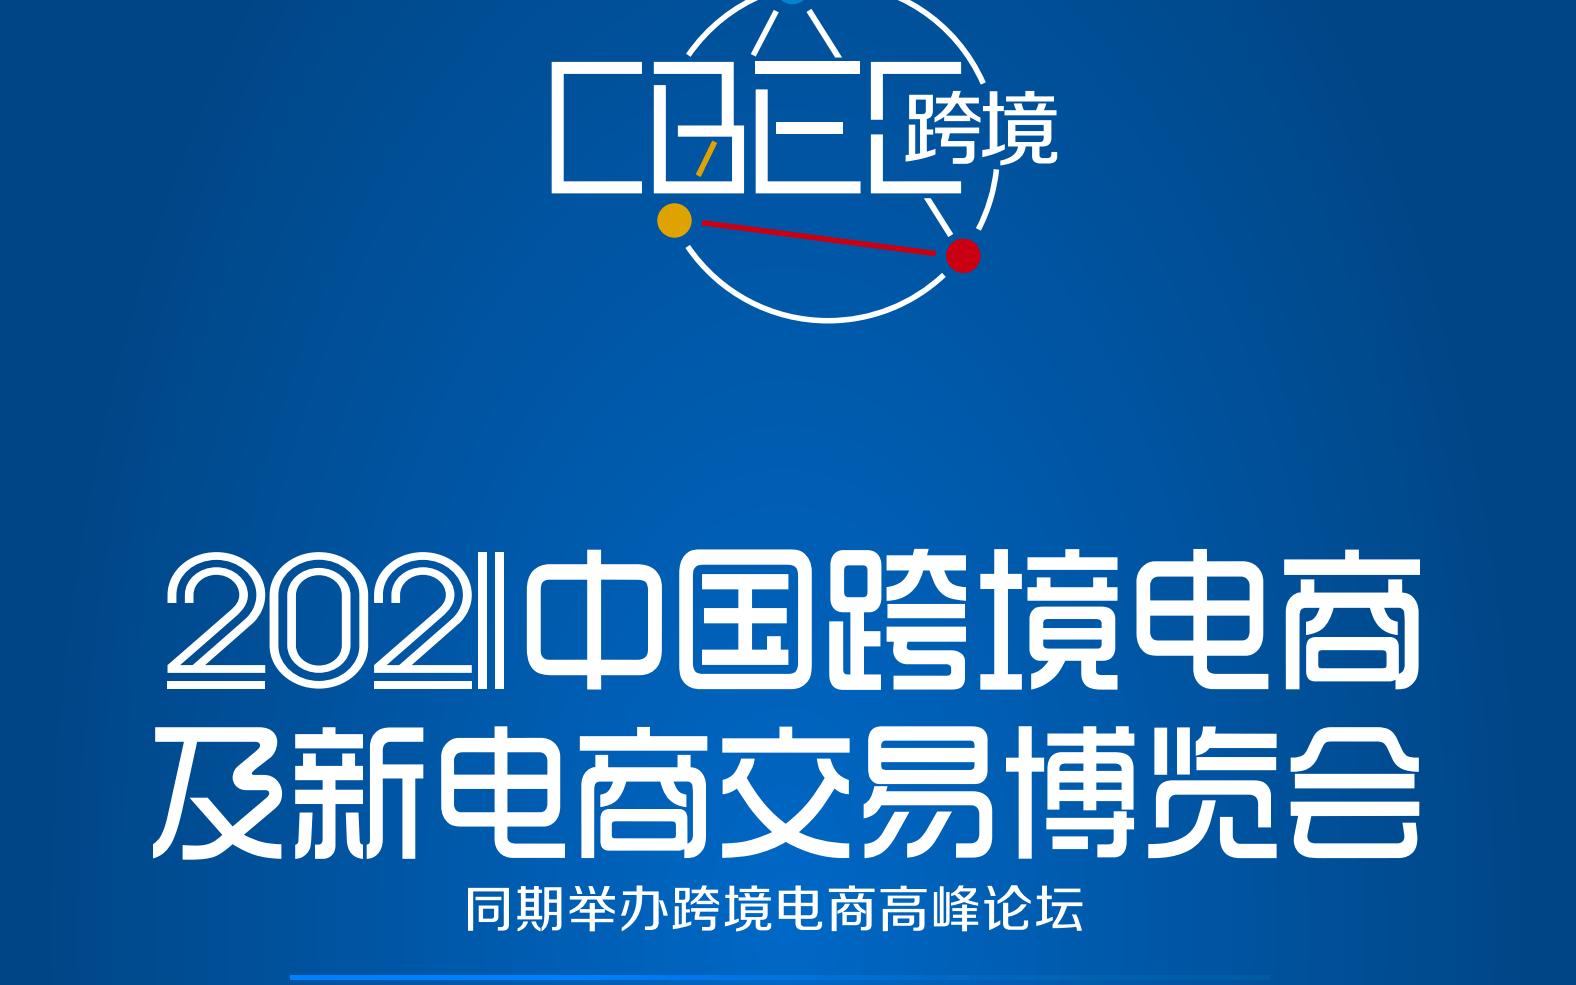 2021CBEC中国跨境电商及新电商交易博览会